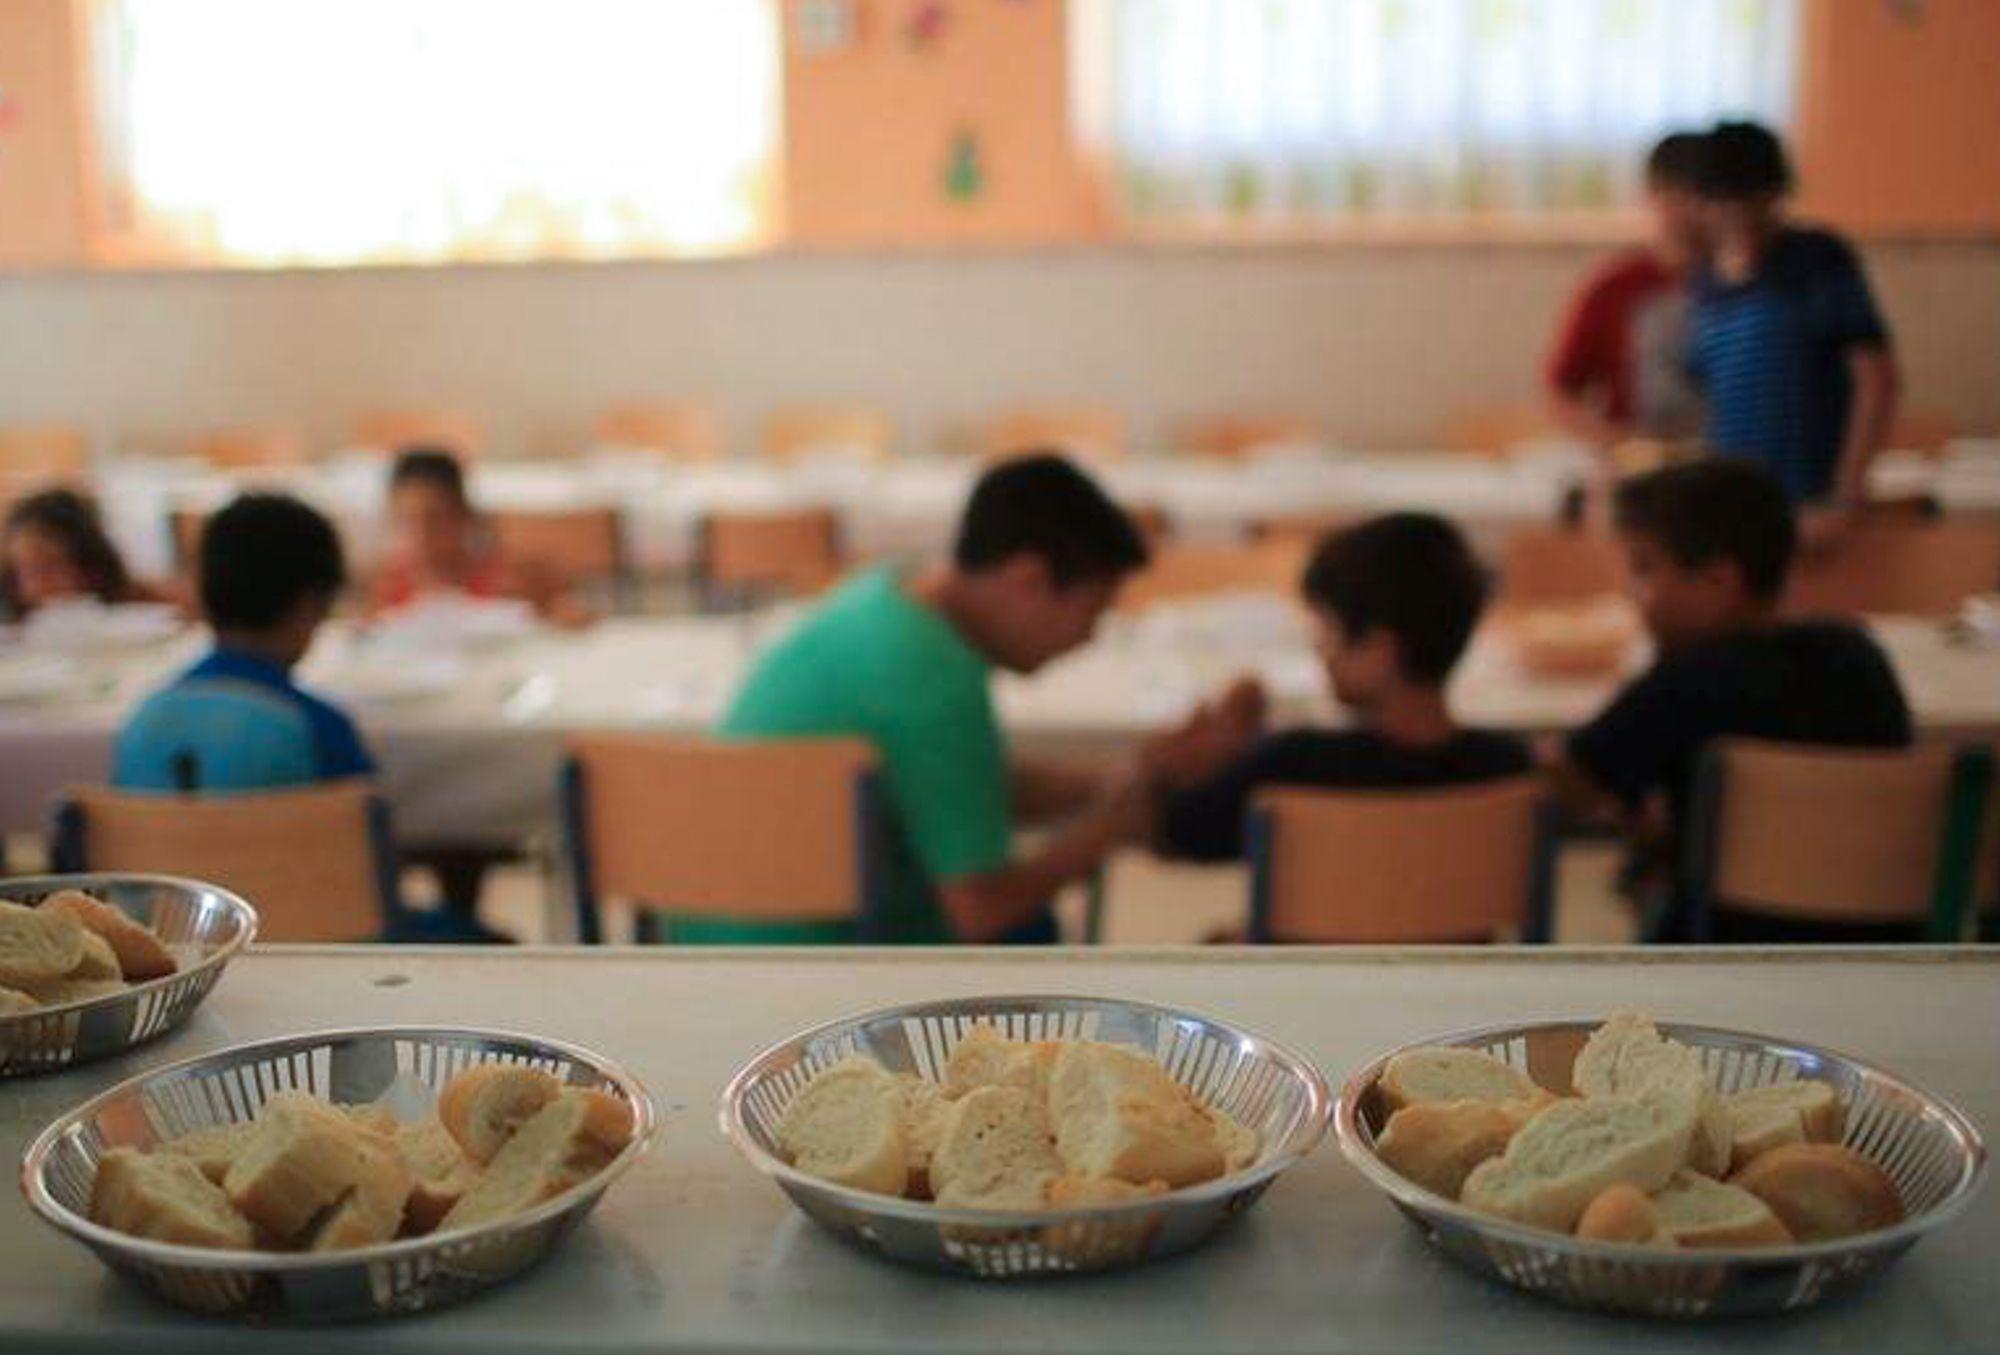 juntos por el cambio exigio que abran los comedores escolares